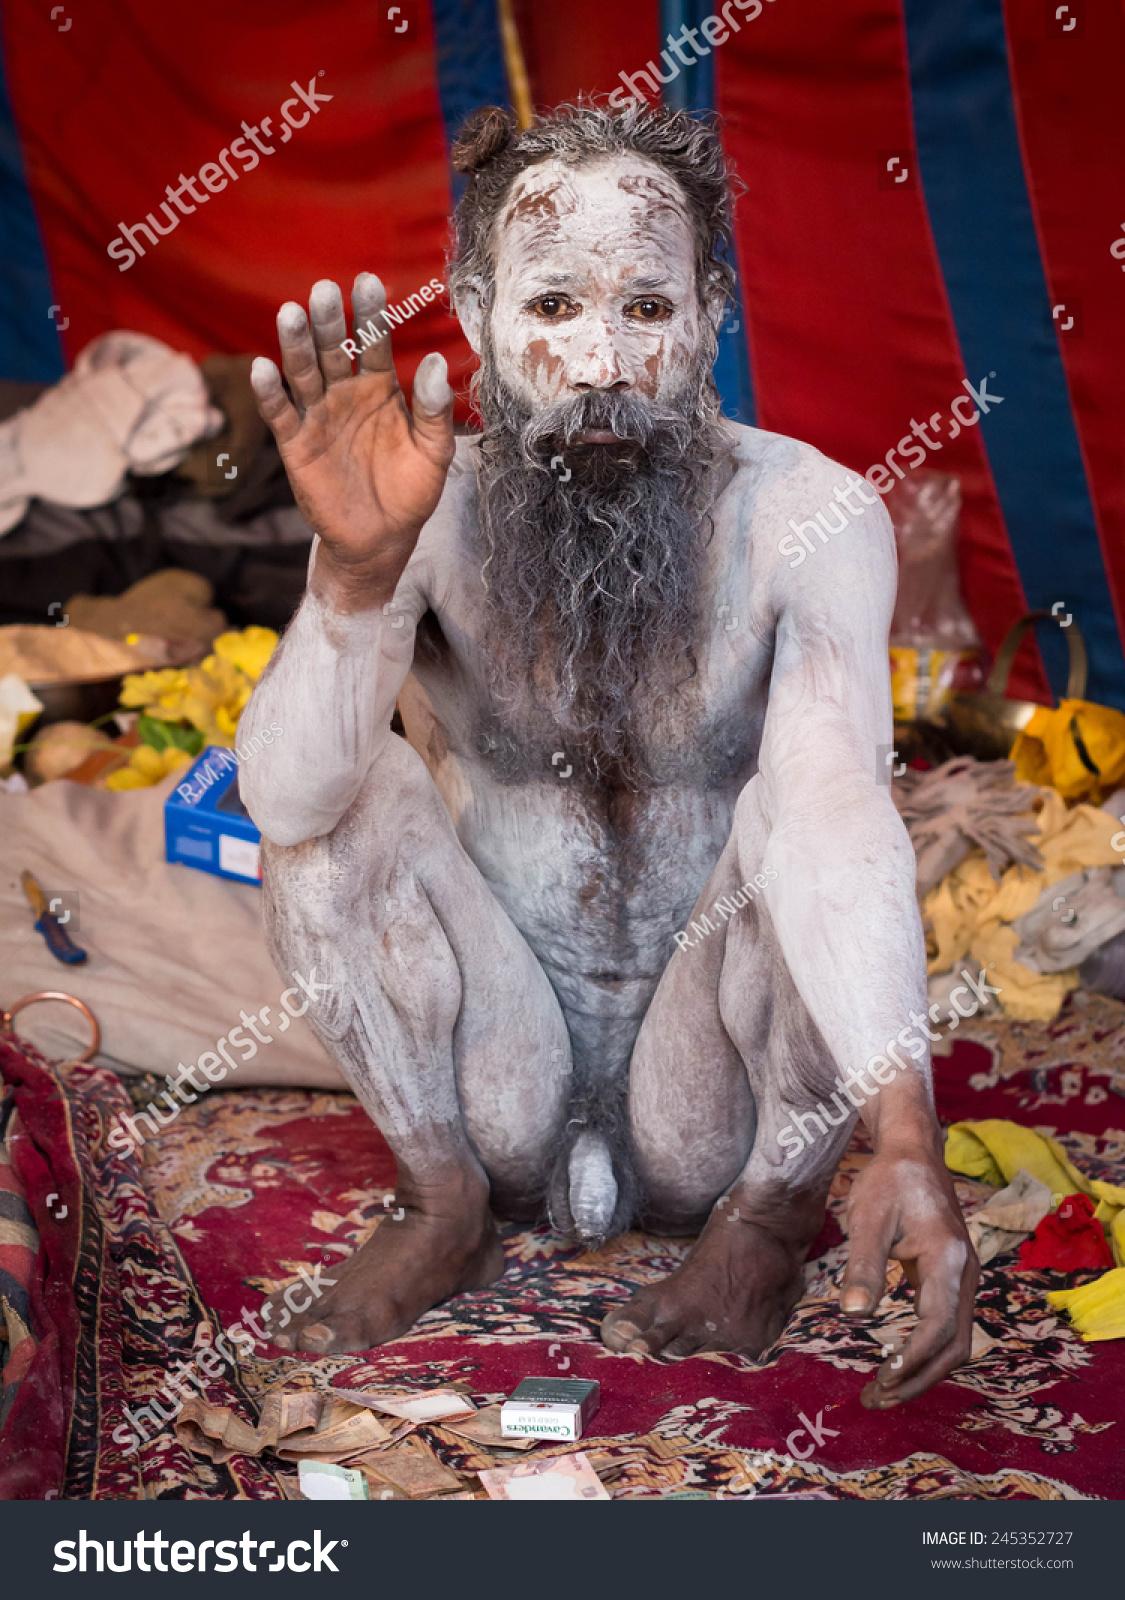 Allan paule nude